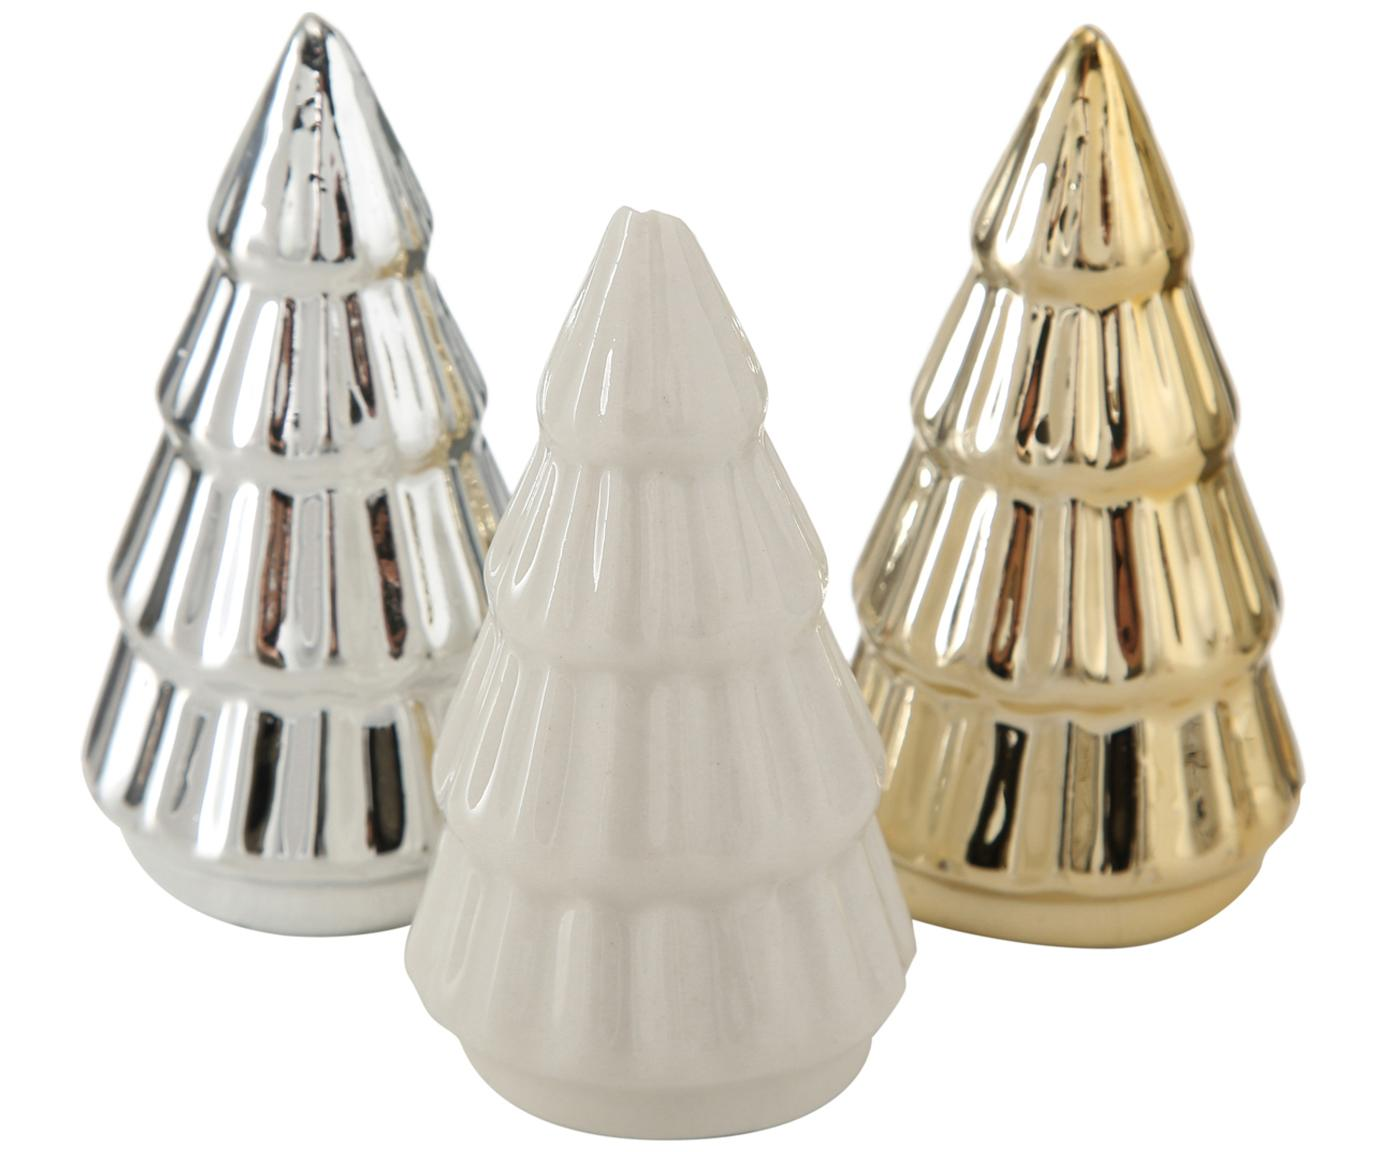 Deko-Objekte-Set Glamory, 3-tlg., Porzellan, Weiss, Silberfarben, Goldfarben, Ø 4 x H 8 cm